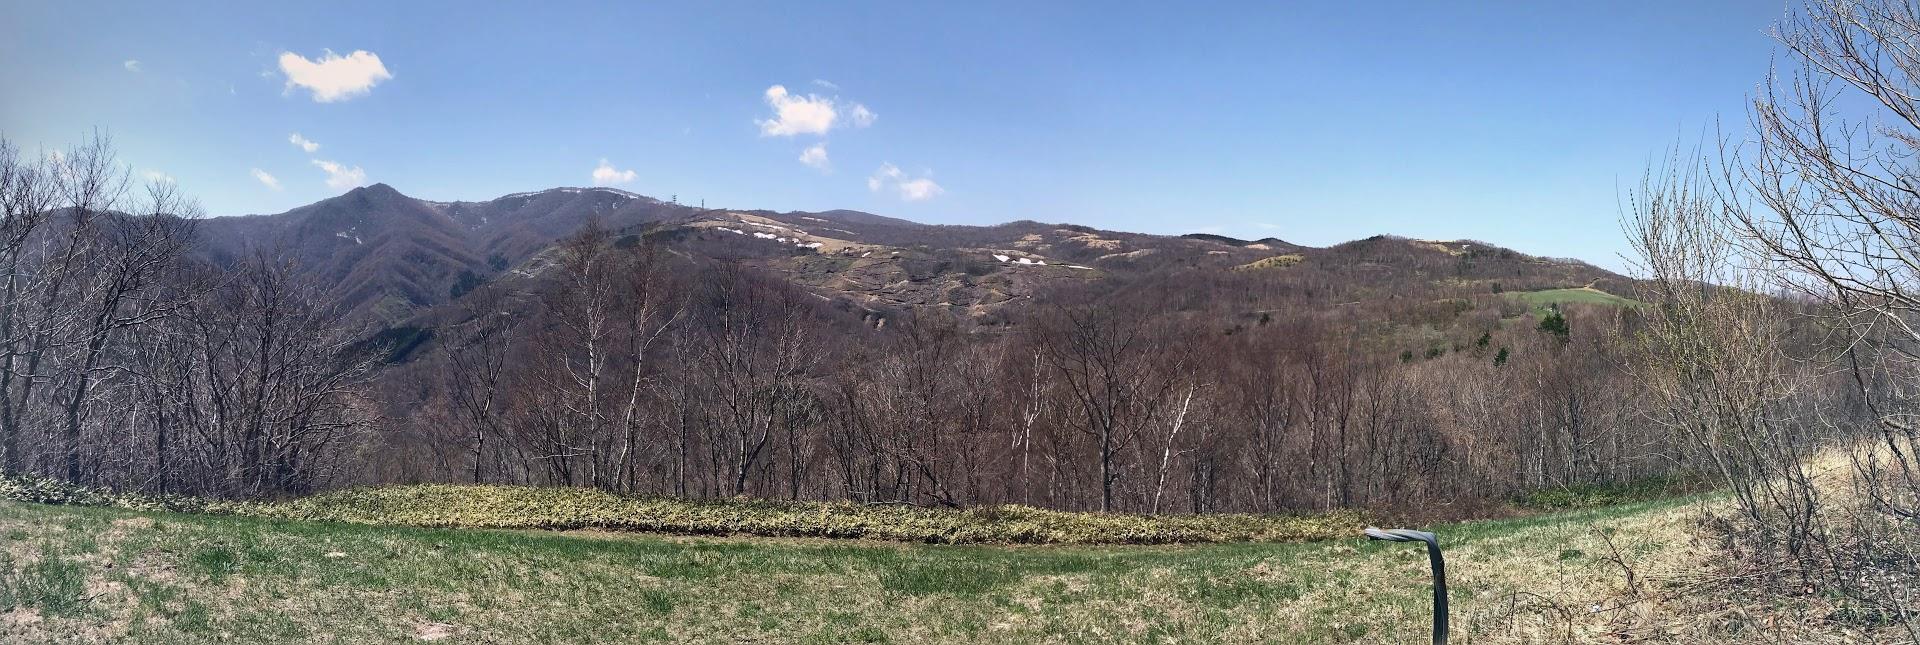 亀ヶ森山頂付近